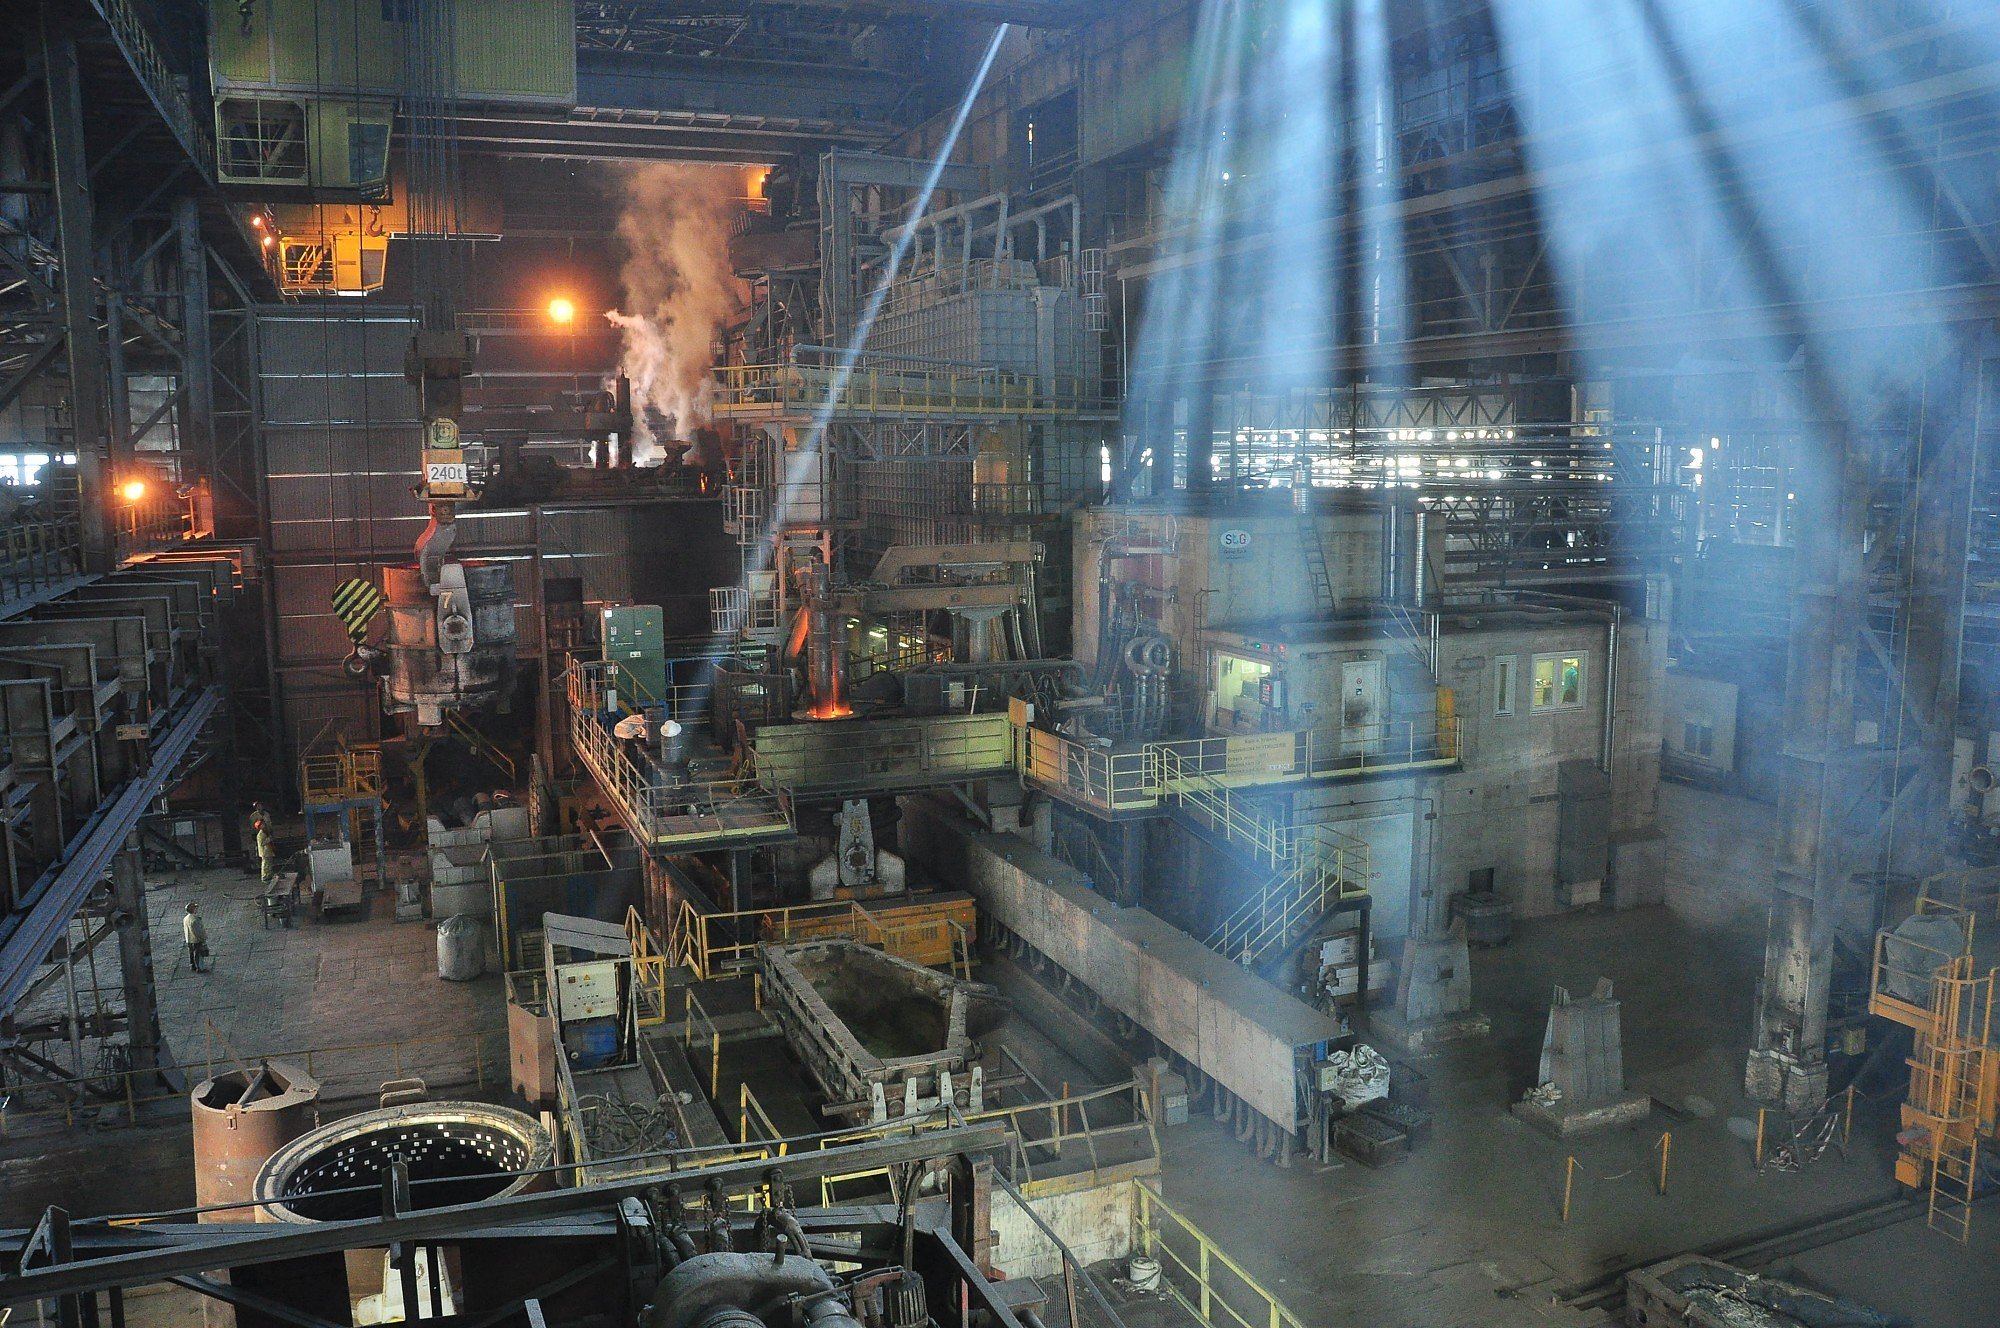 «Латвэнерго» не прекратит подачу электричества «КВВ Лиепаяс металургс»